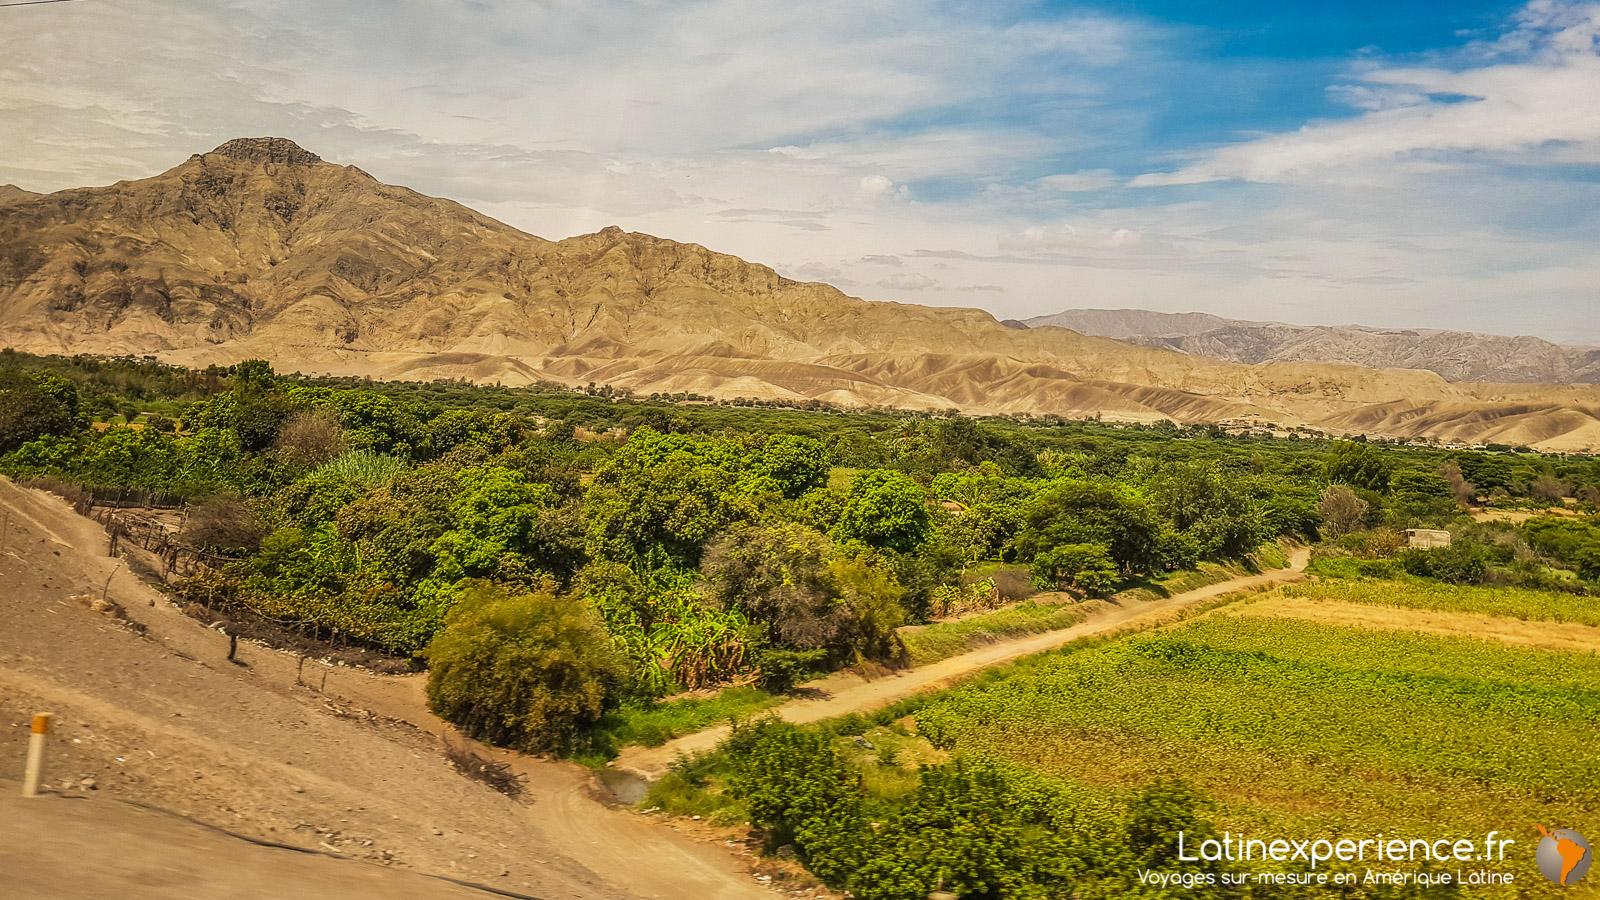 Pérou - Route de Nazca - Latinexperience voyages